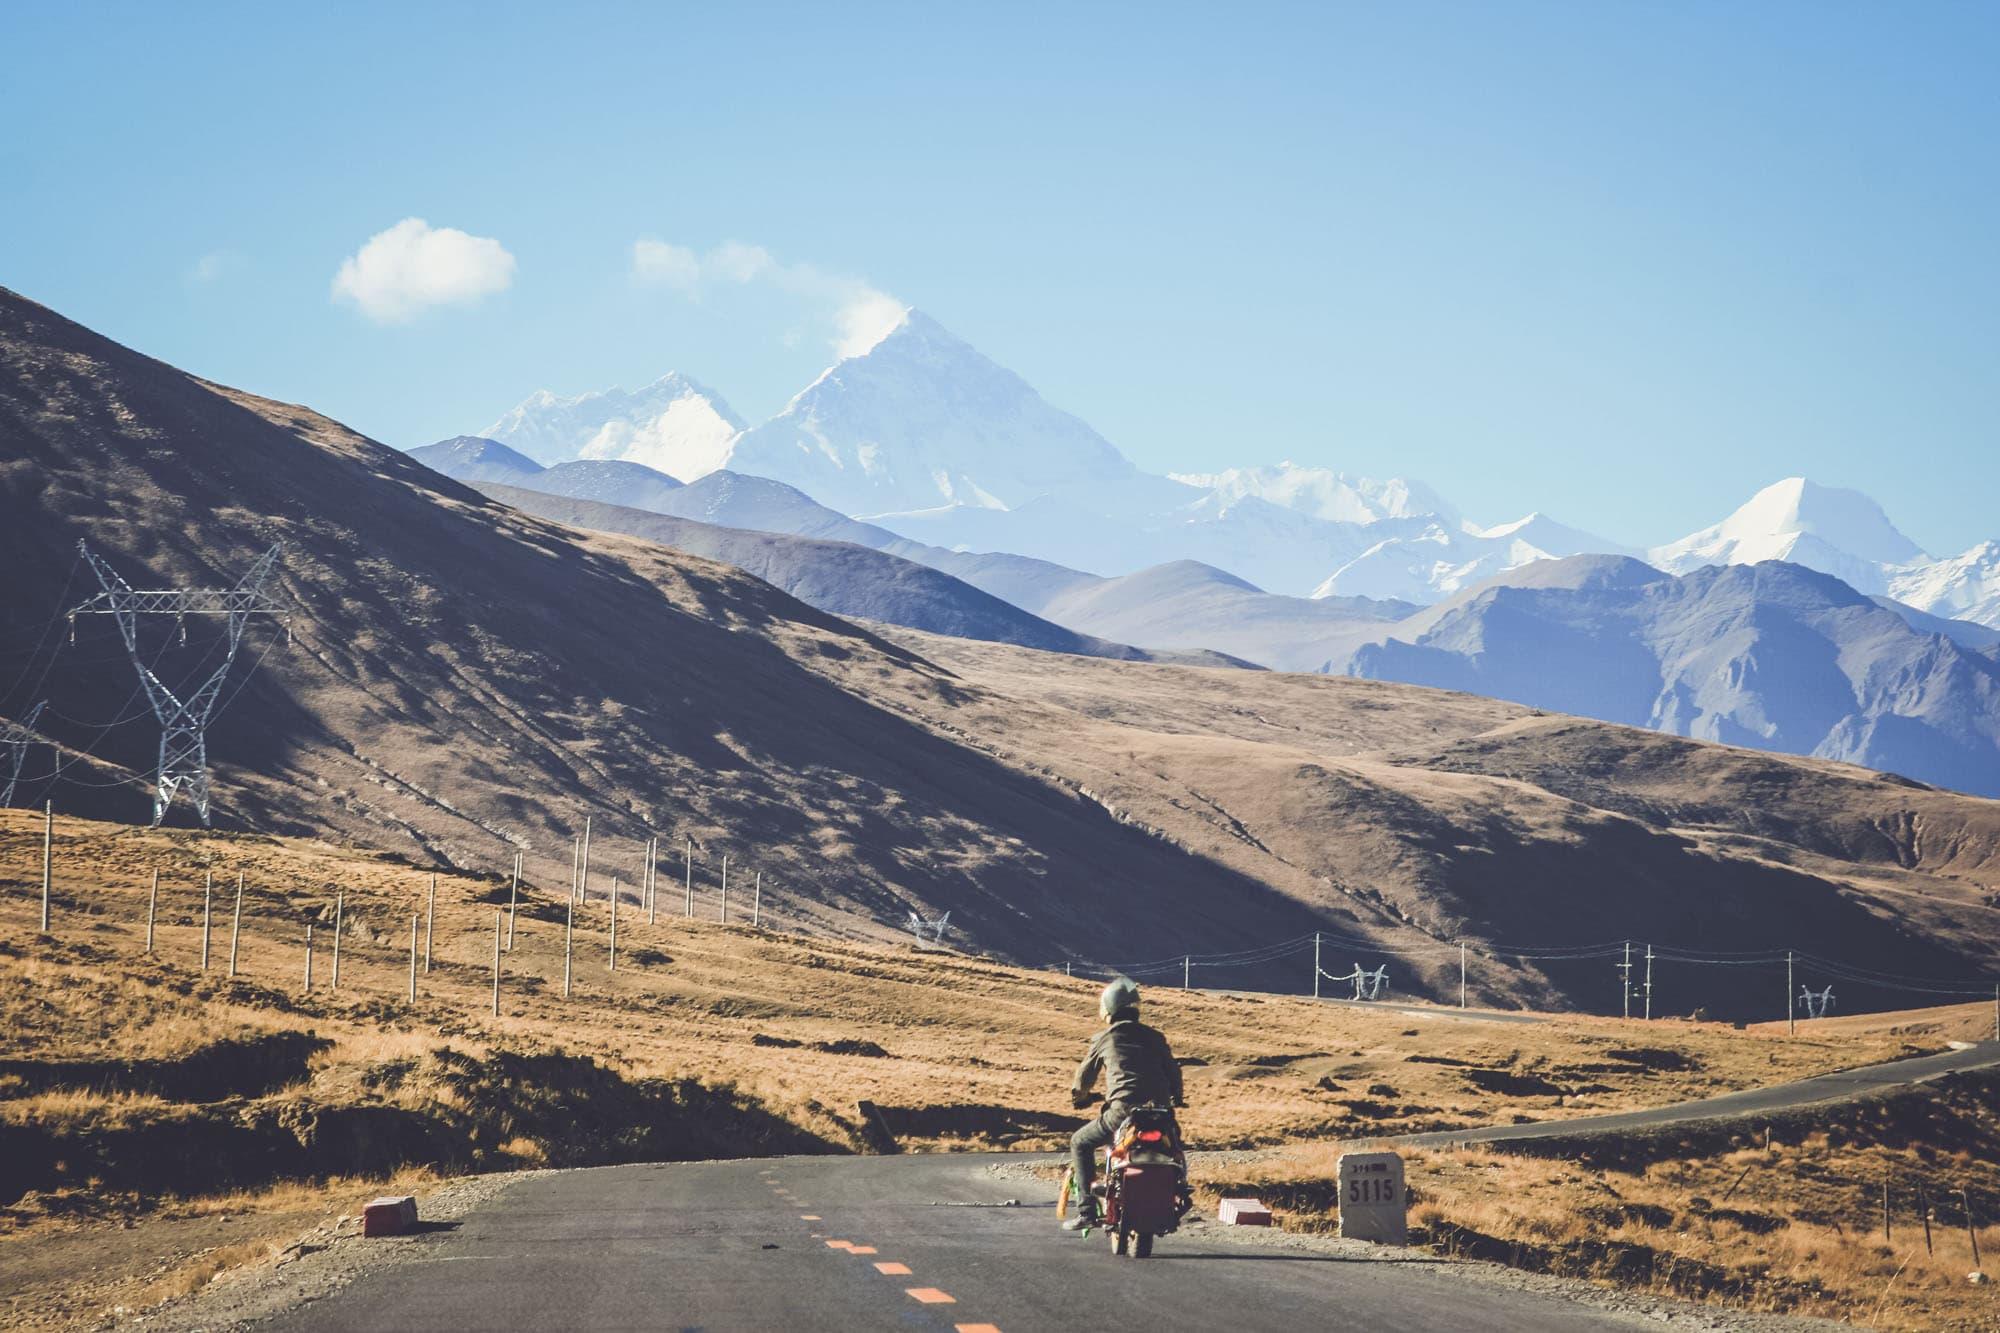 Reisjunk waarom tibet een geweldige reisbestemming is - Aperitief plateau huis van de wereld ...